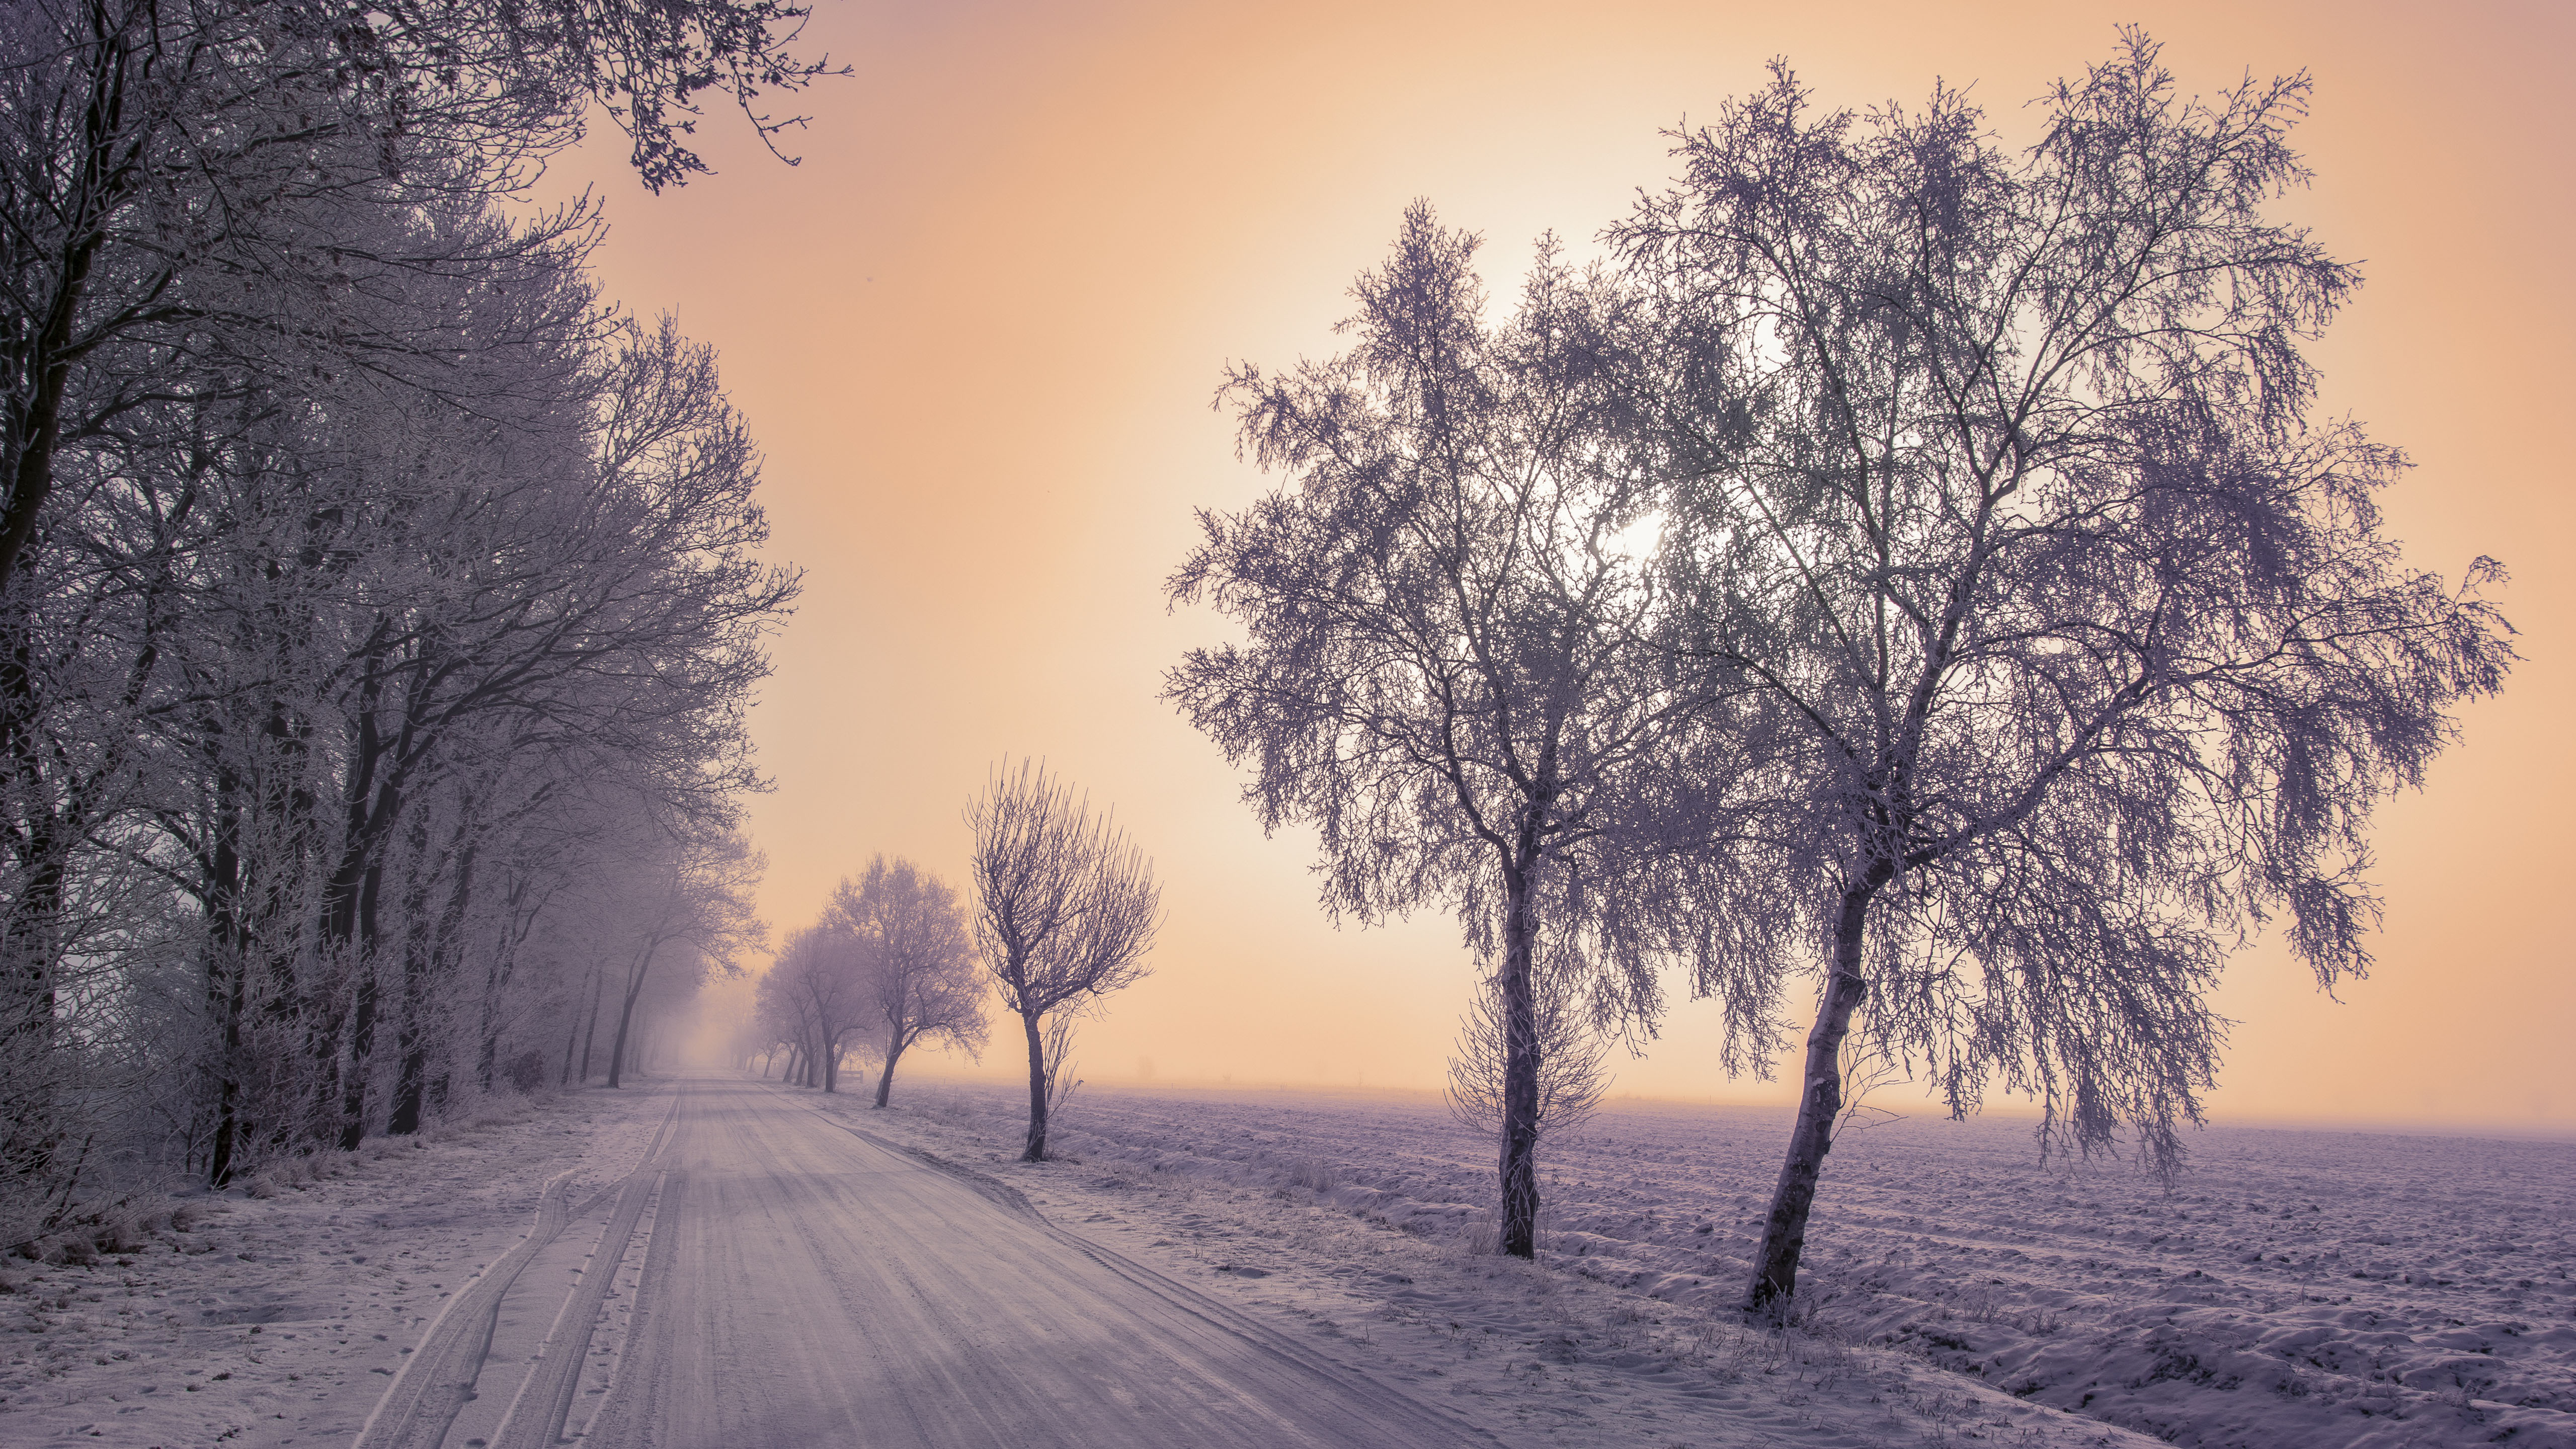 зима, снег, дорога, деревья, природа 5к